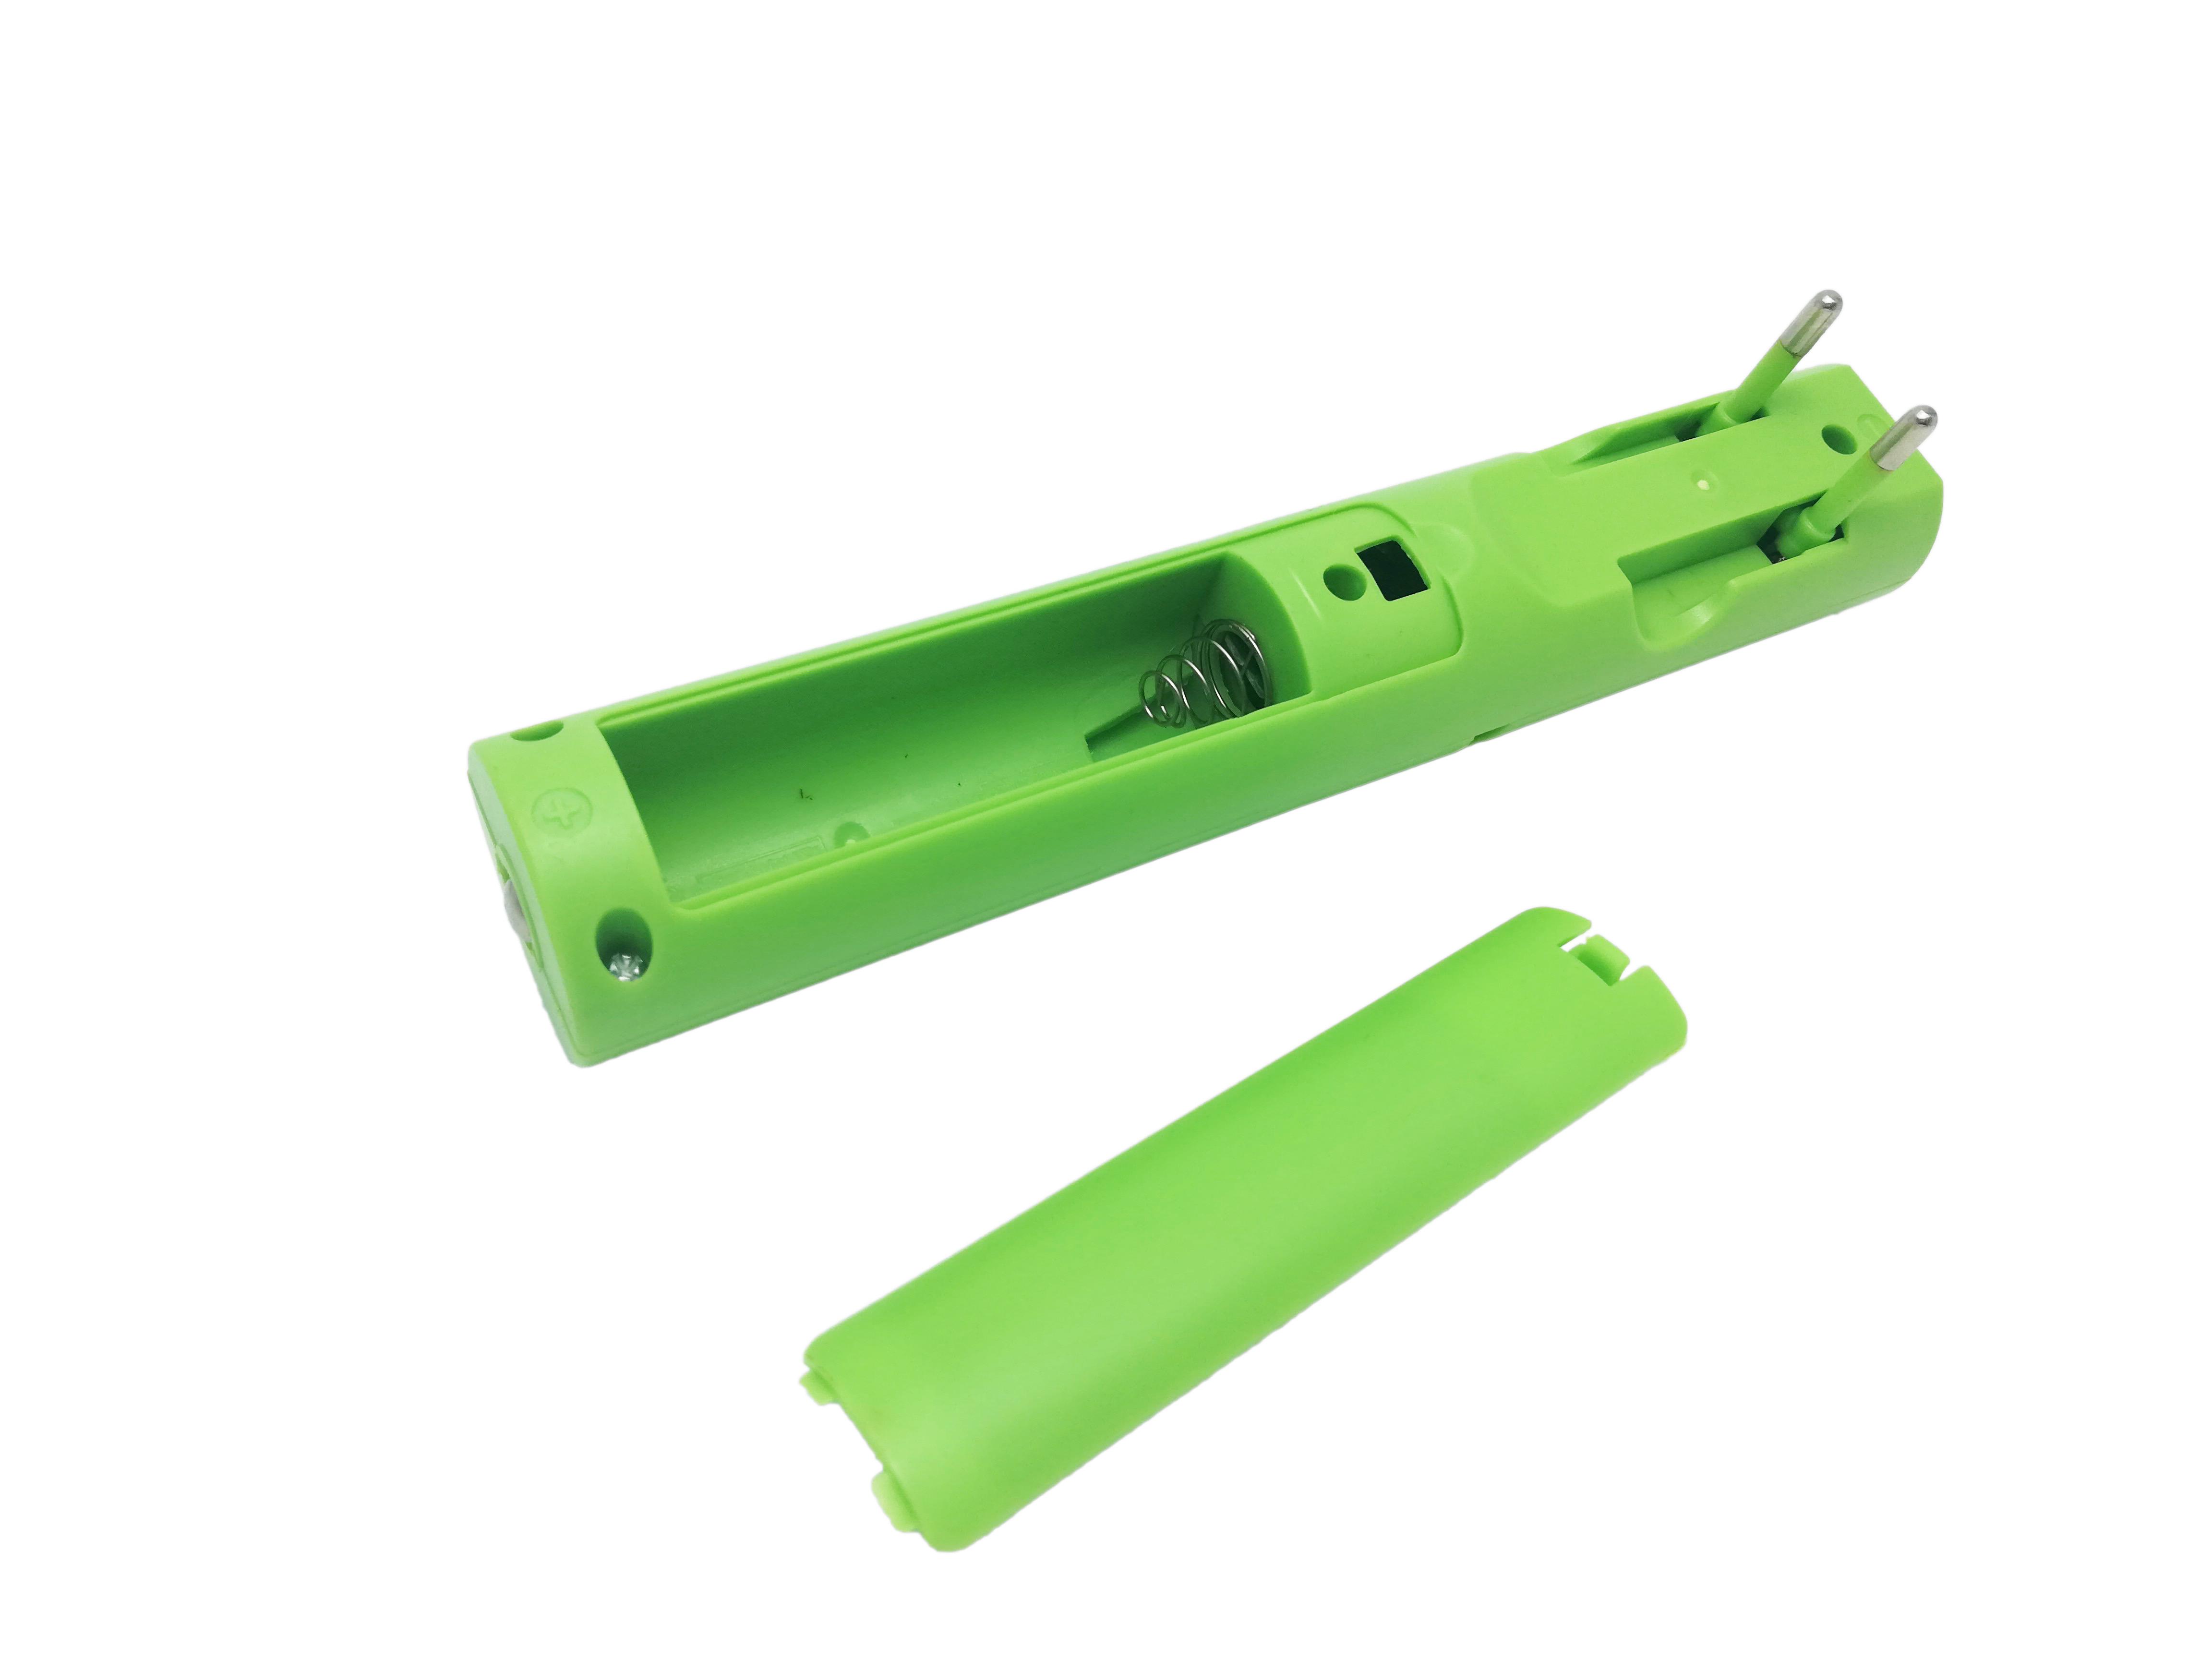 Adaptor Acumulator 18650 Reincarcabil 3x Baterii Tip D / R20